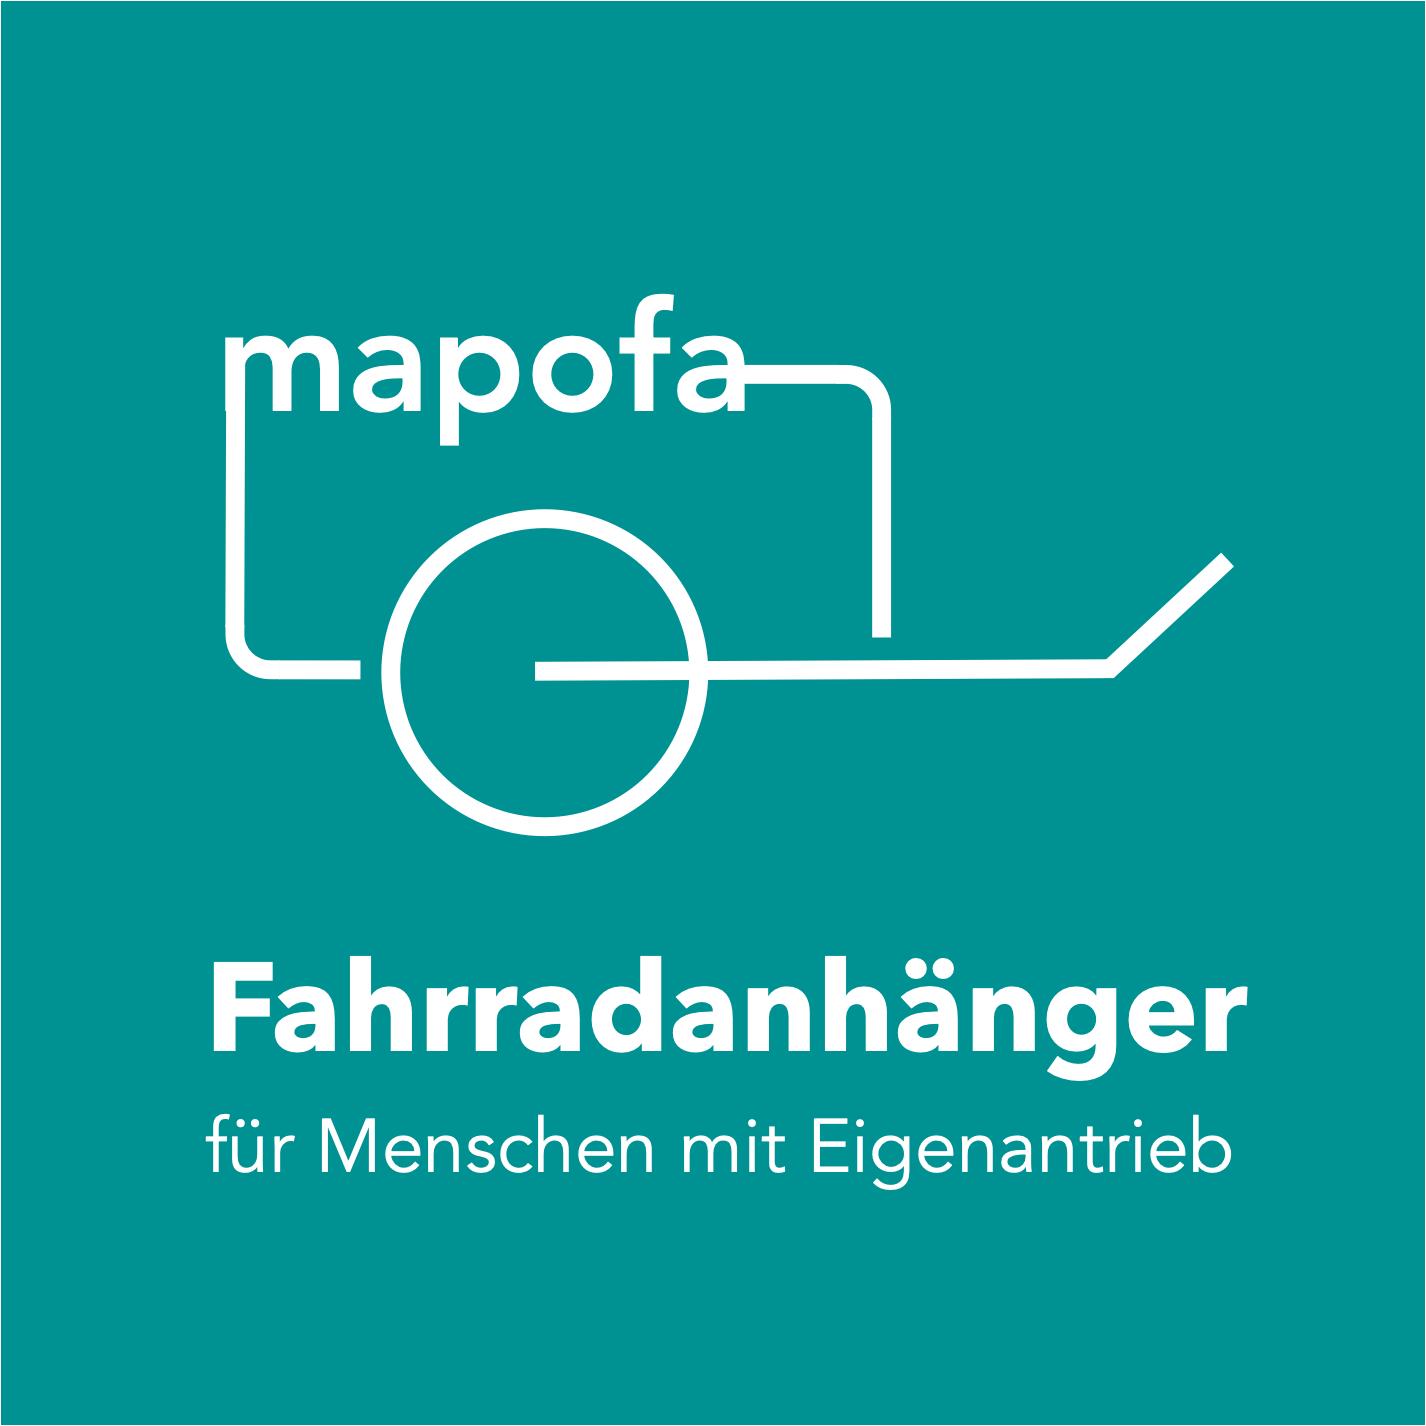 mapofa - Netzwerk Katrin Schorm   nachhaltig leben